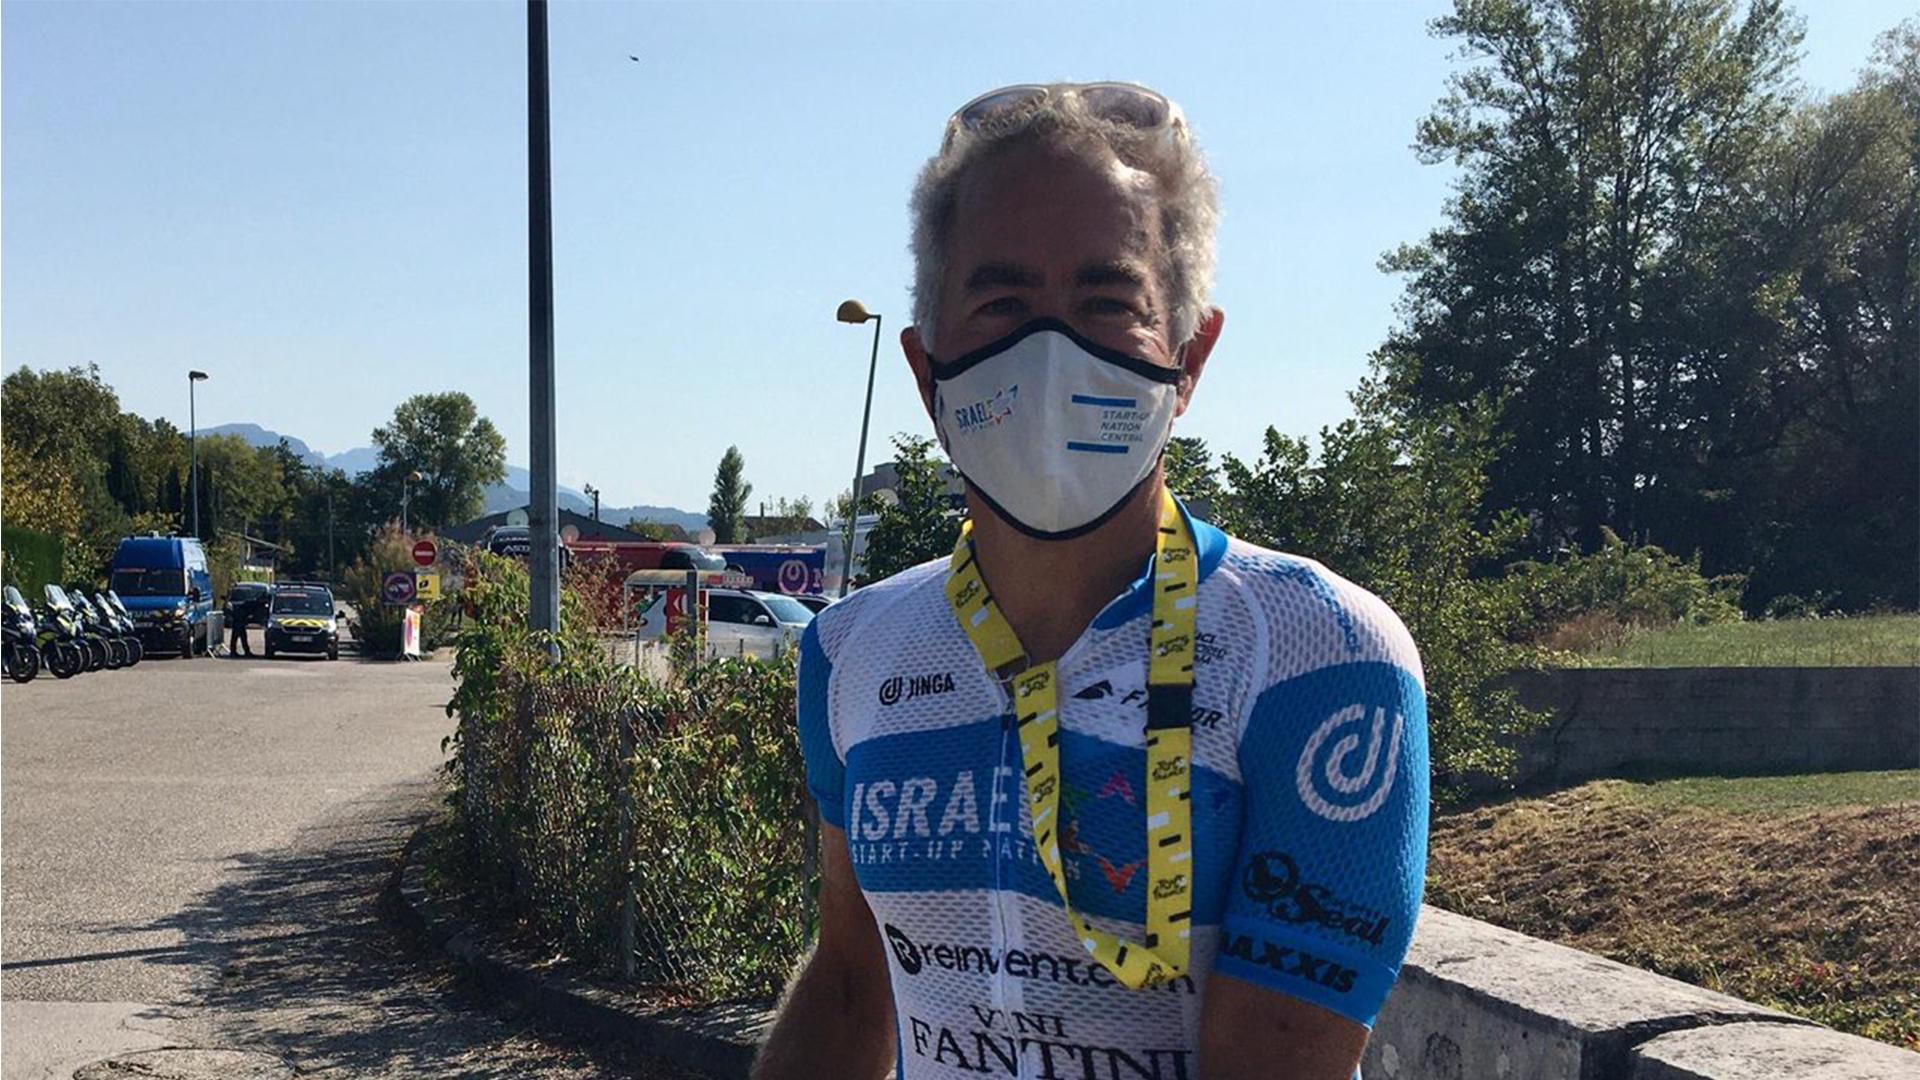 Sylvan Adams, le co-fondateur de l'équipe Israel Start-Up Nation, le 17 septembre 2020 lors du Tour de France.